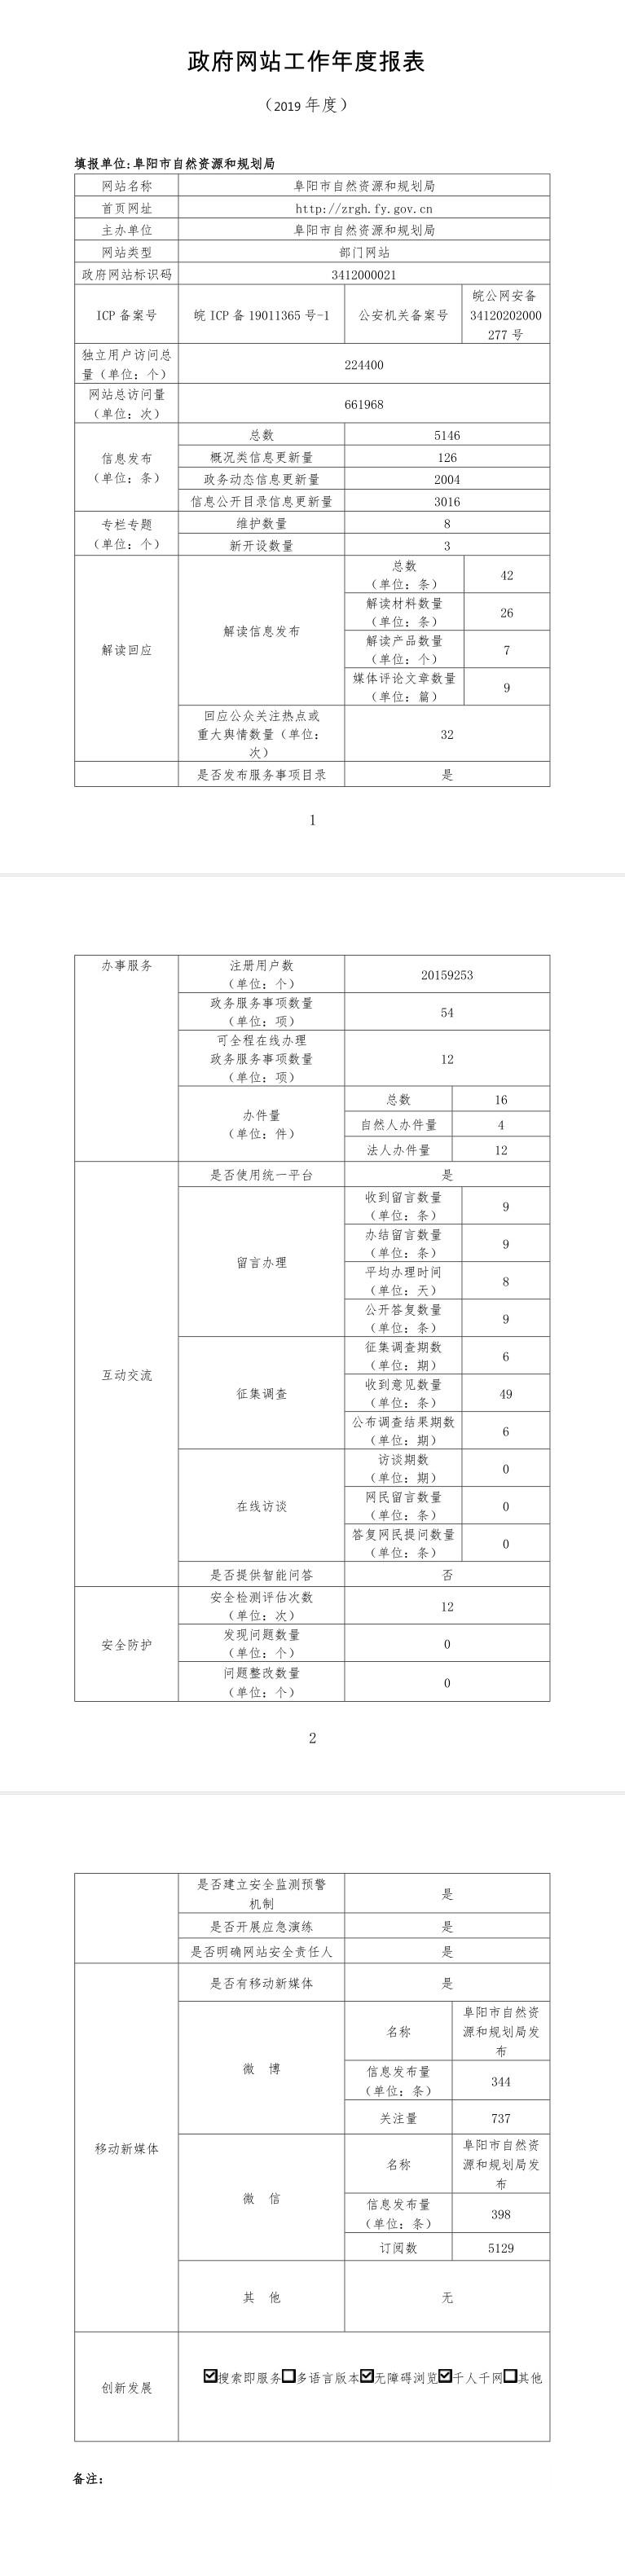 阜阳市自然资源和规划局2019年度政府网站工作报表.png